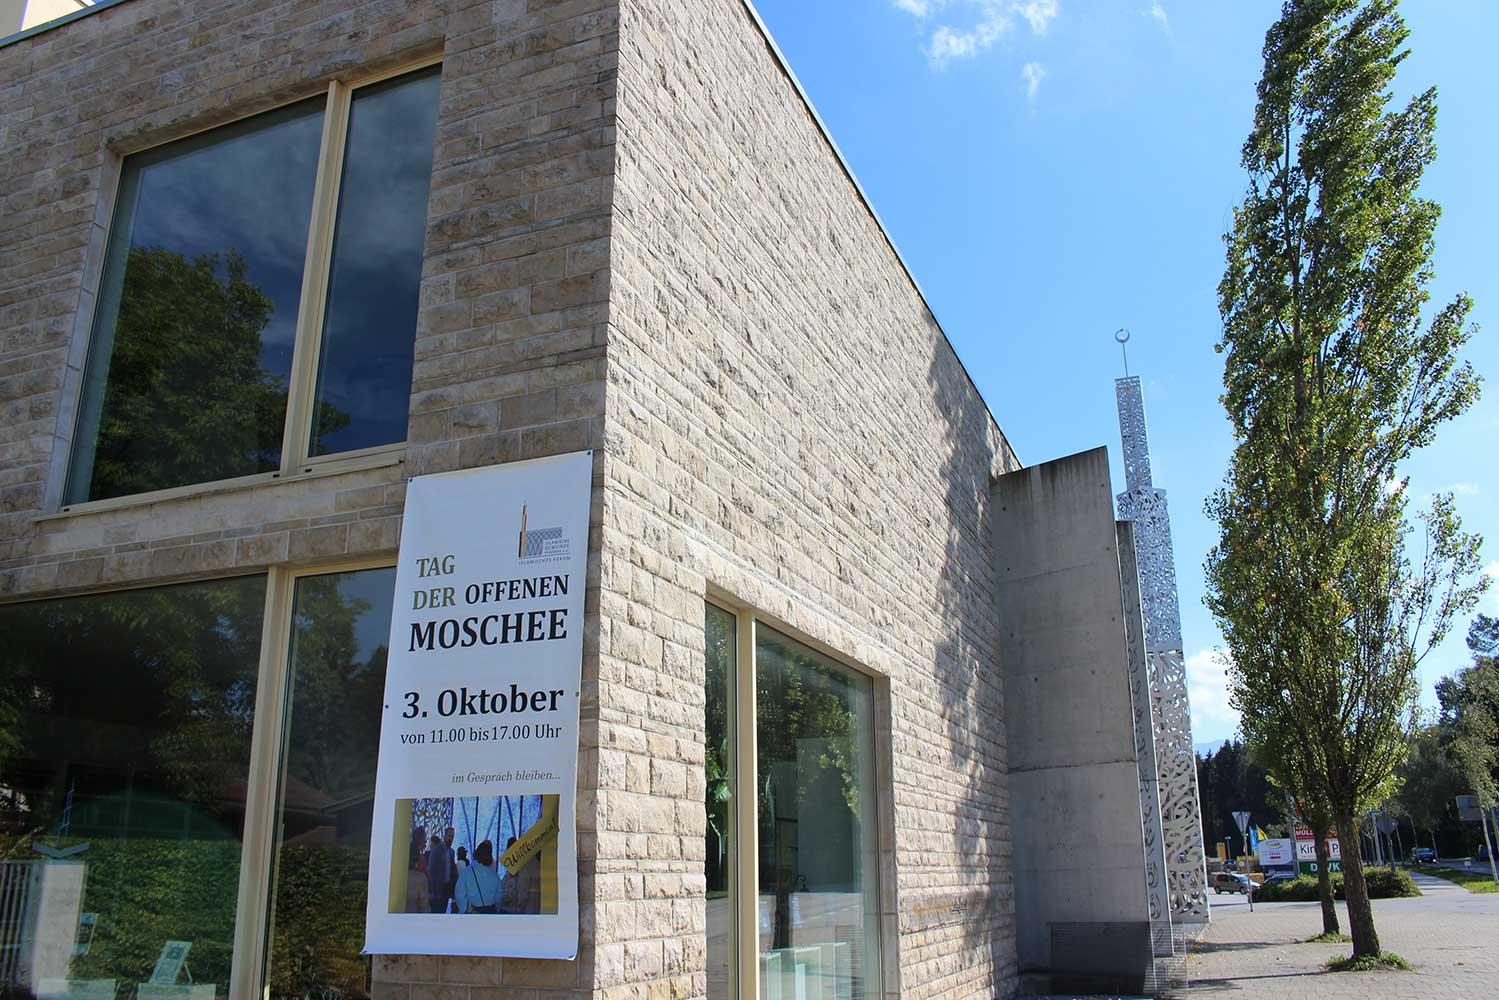 Penzberg Moschee: Tag der offenen Moschee